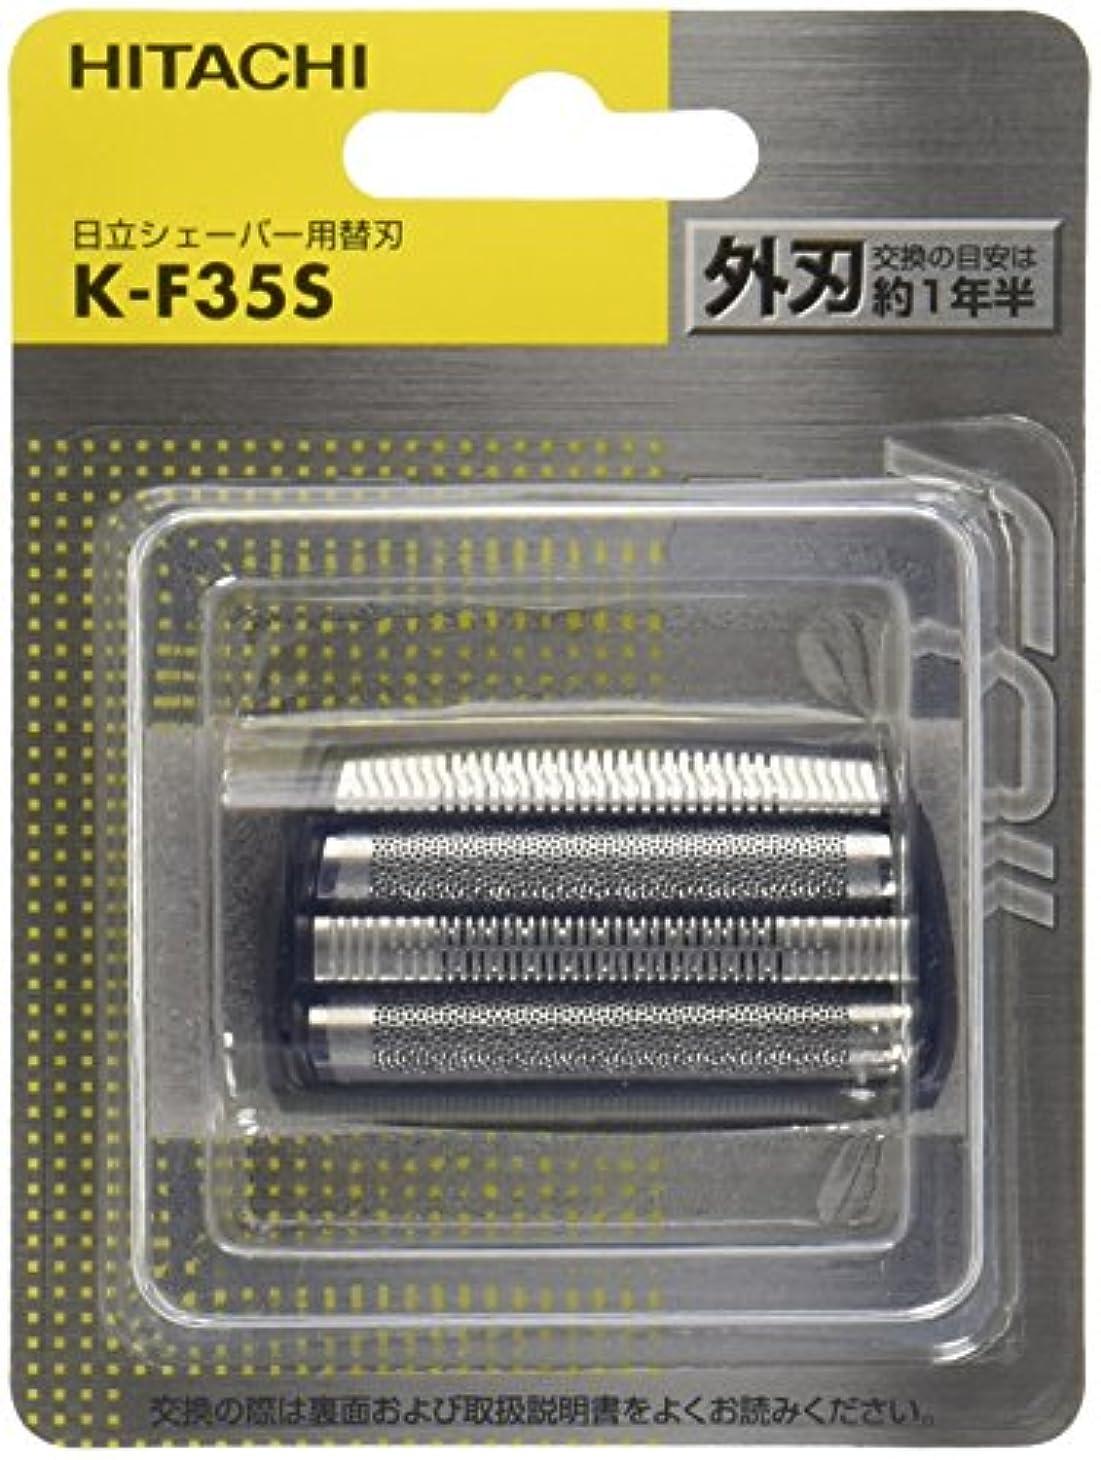 授業料不承認ブランク日立 替刃 外刃 K-F35S